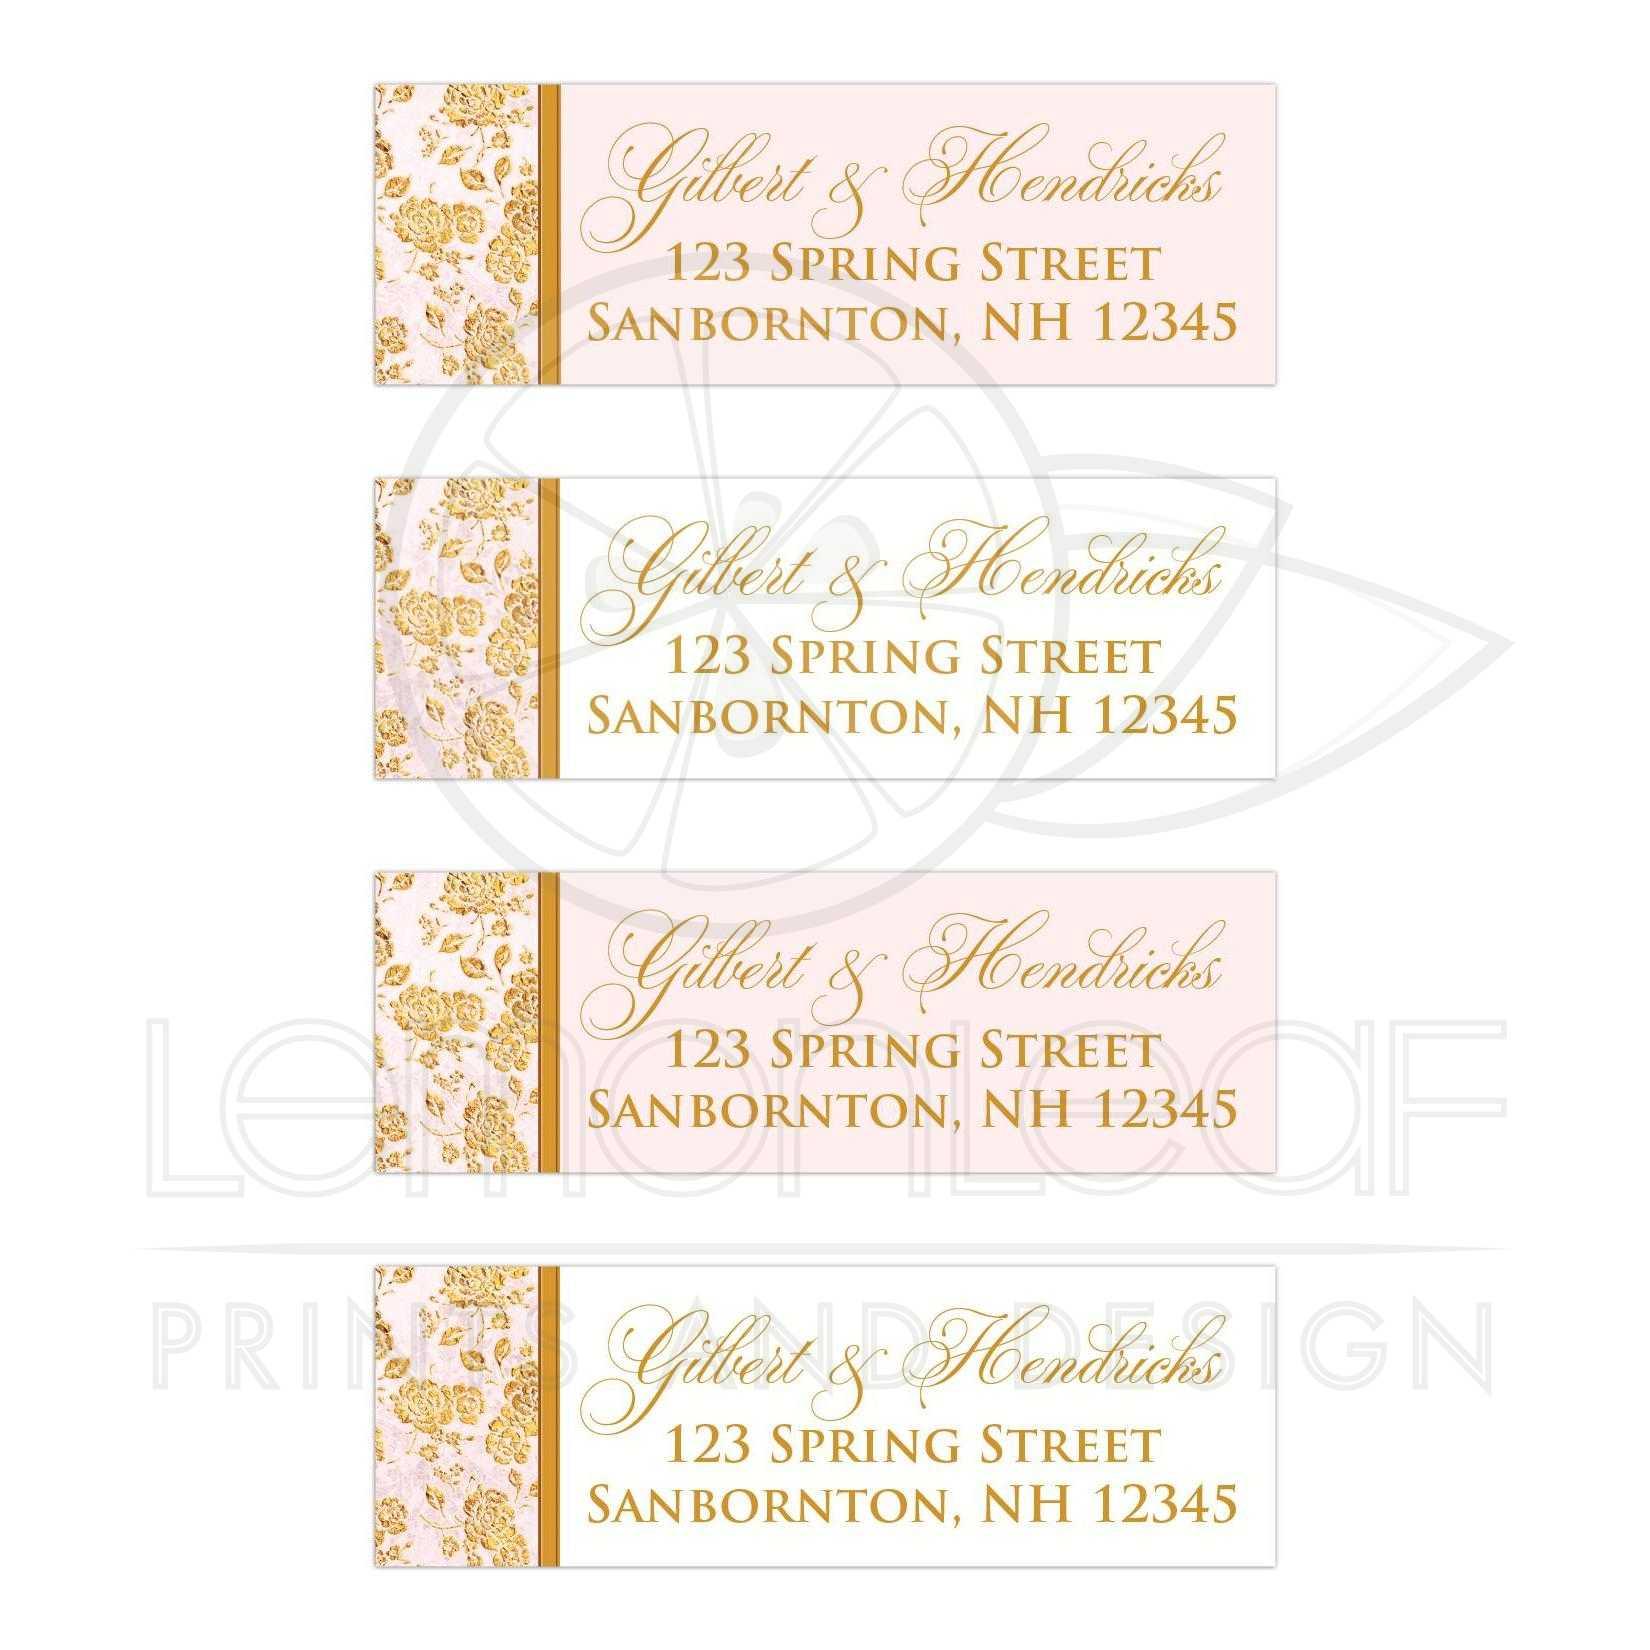 address labels vintage floral blush pink ivory gold leaf faux